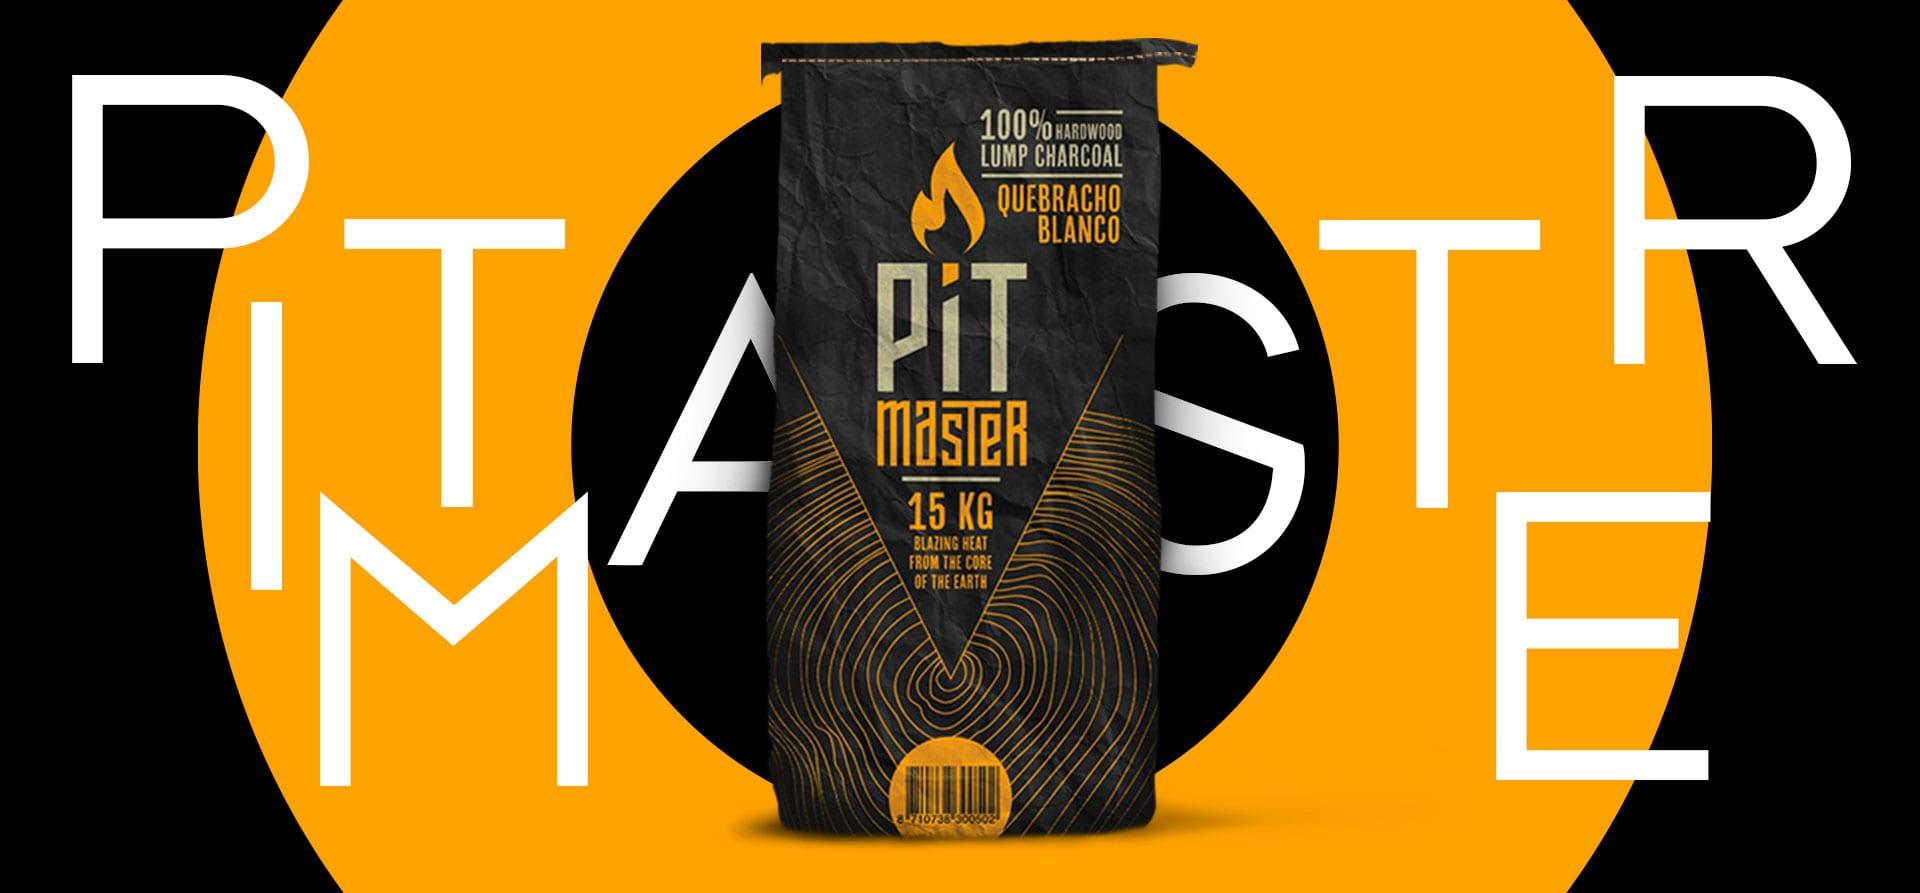 Pitmaster-header-3